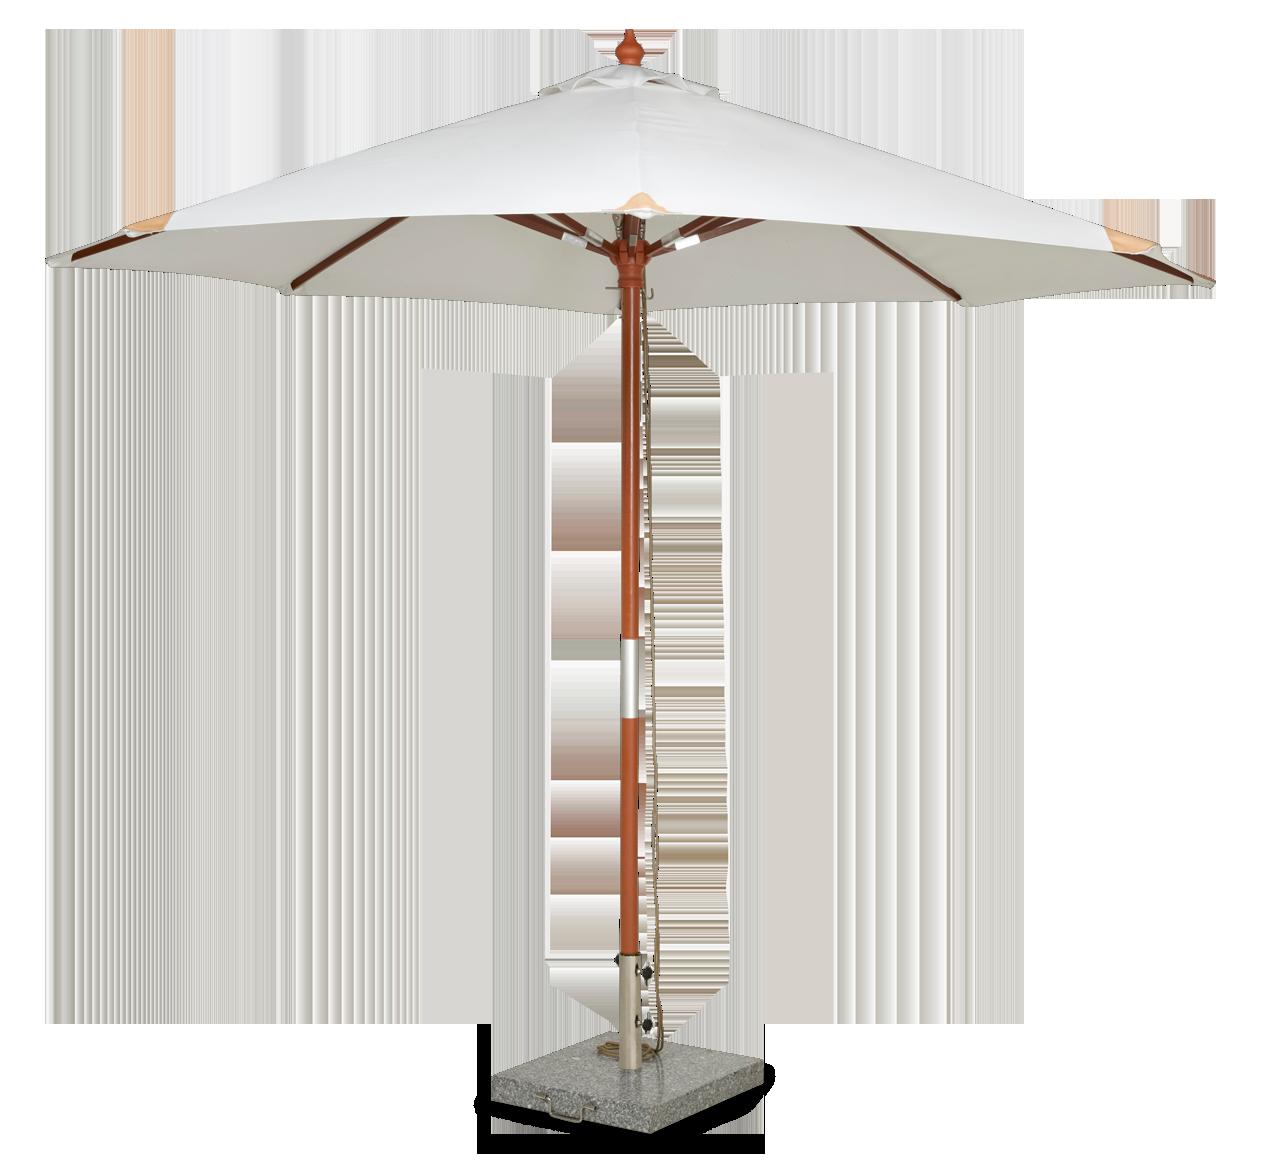 SAHARA-aurinkovarjo, pyöreä, 3 m